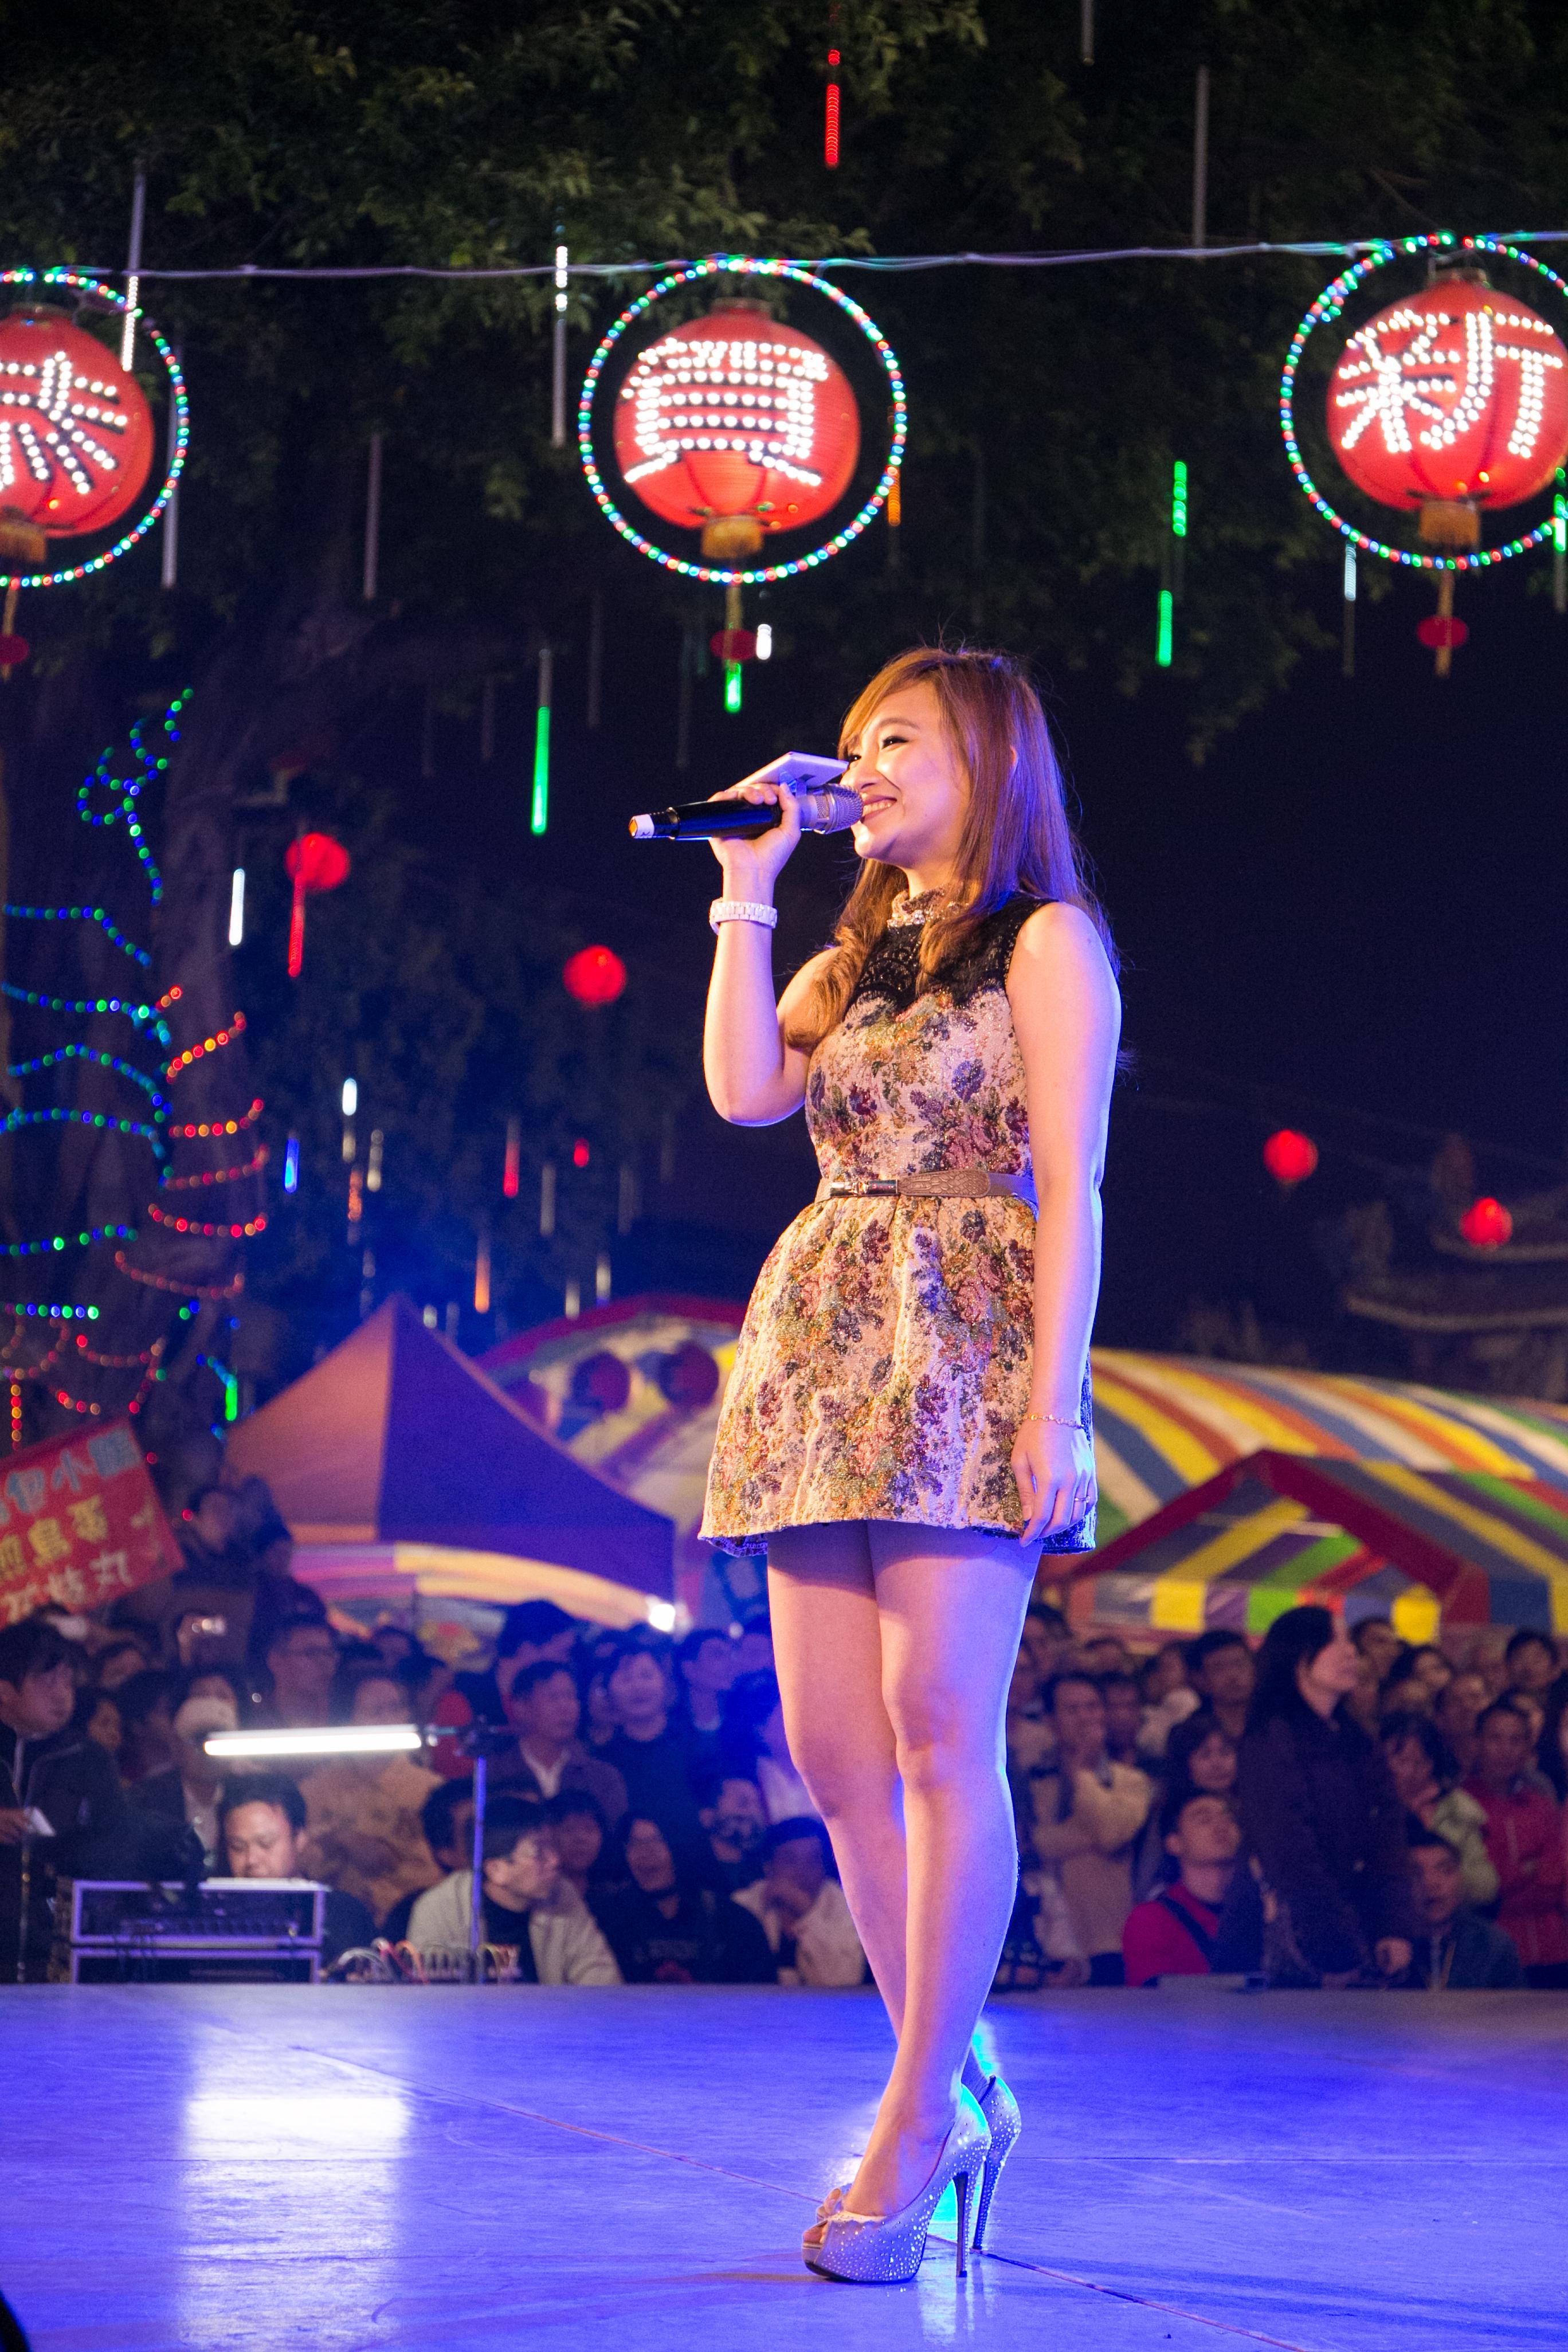 臺中媽祖國際觀光文化節在樂成宮,活動紀錄拍攝者台中婚錄張西米15